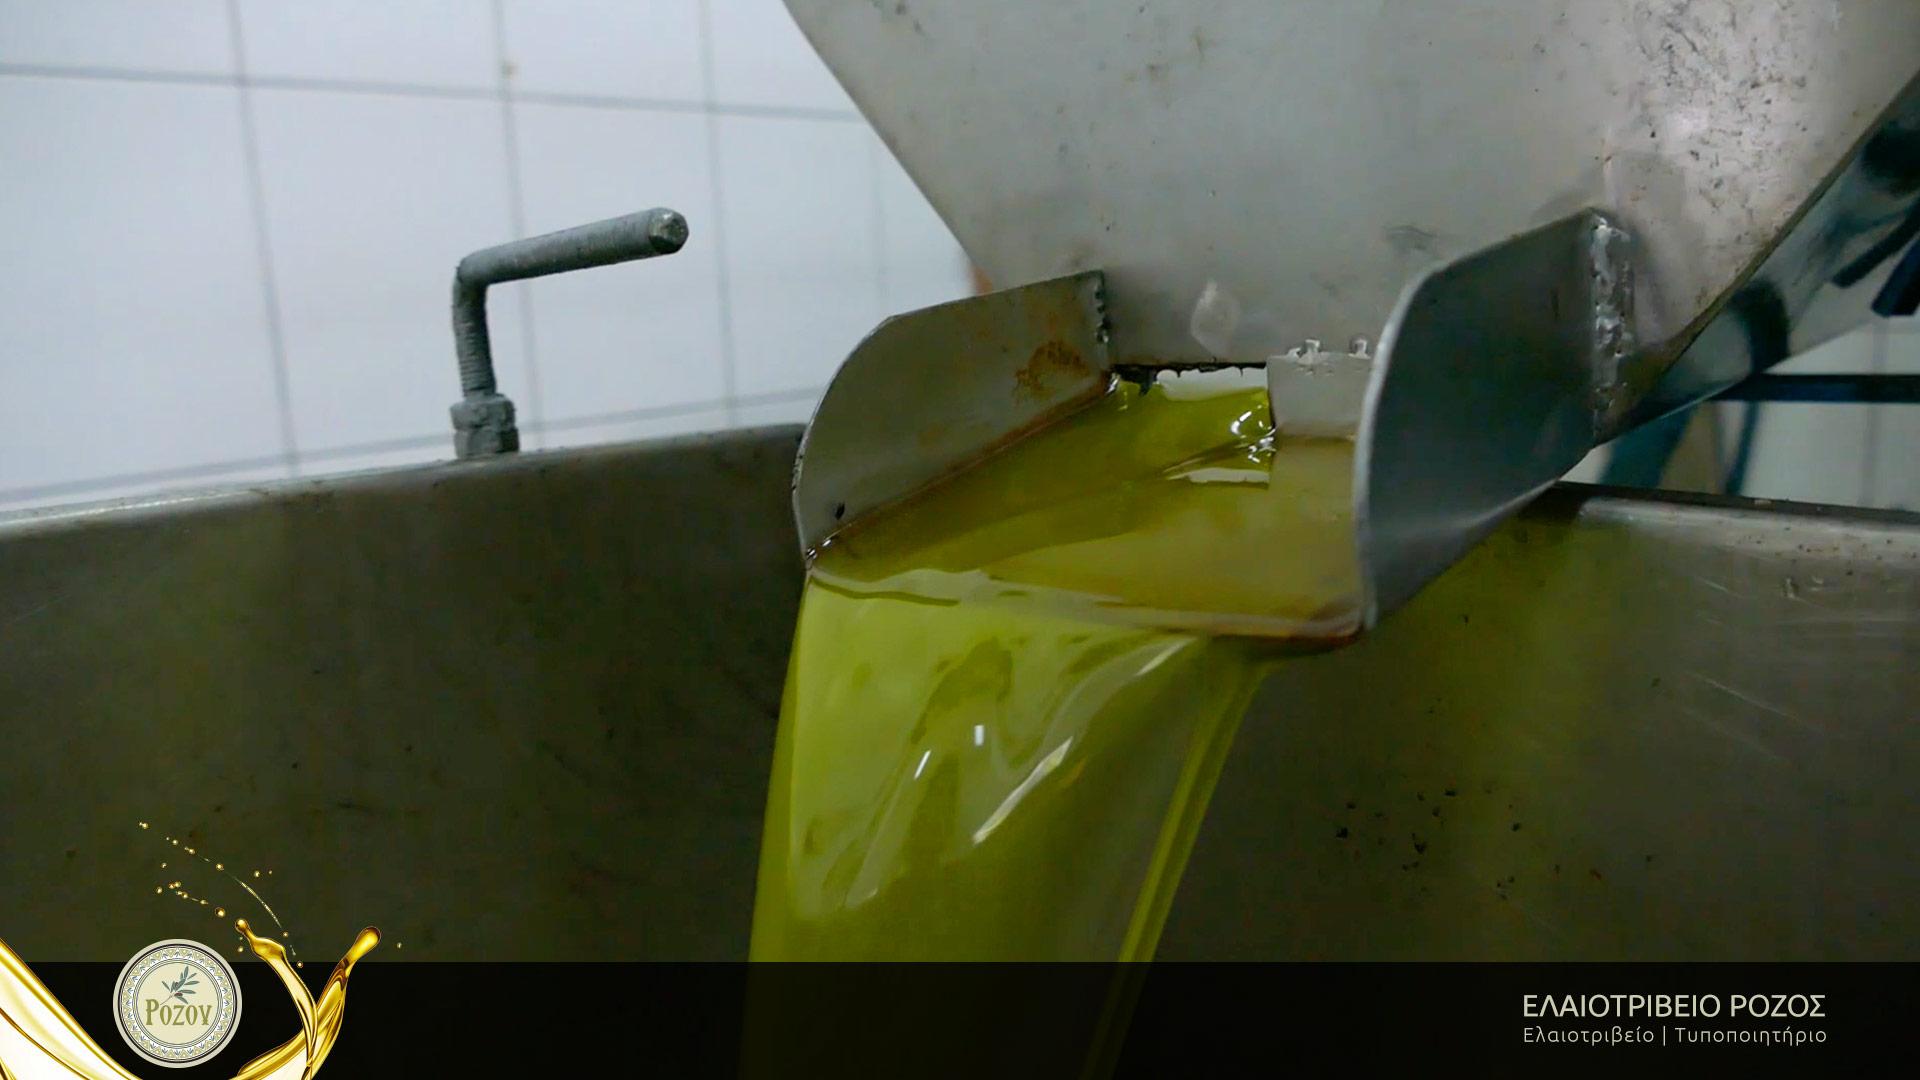 Rozos-Oil-Ελαιοτριβείο-Τυποποιητήριο-Αχαϊας-017